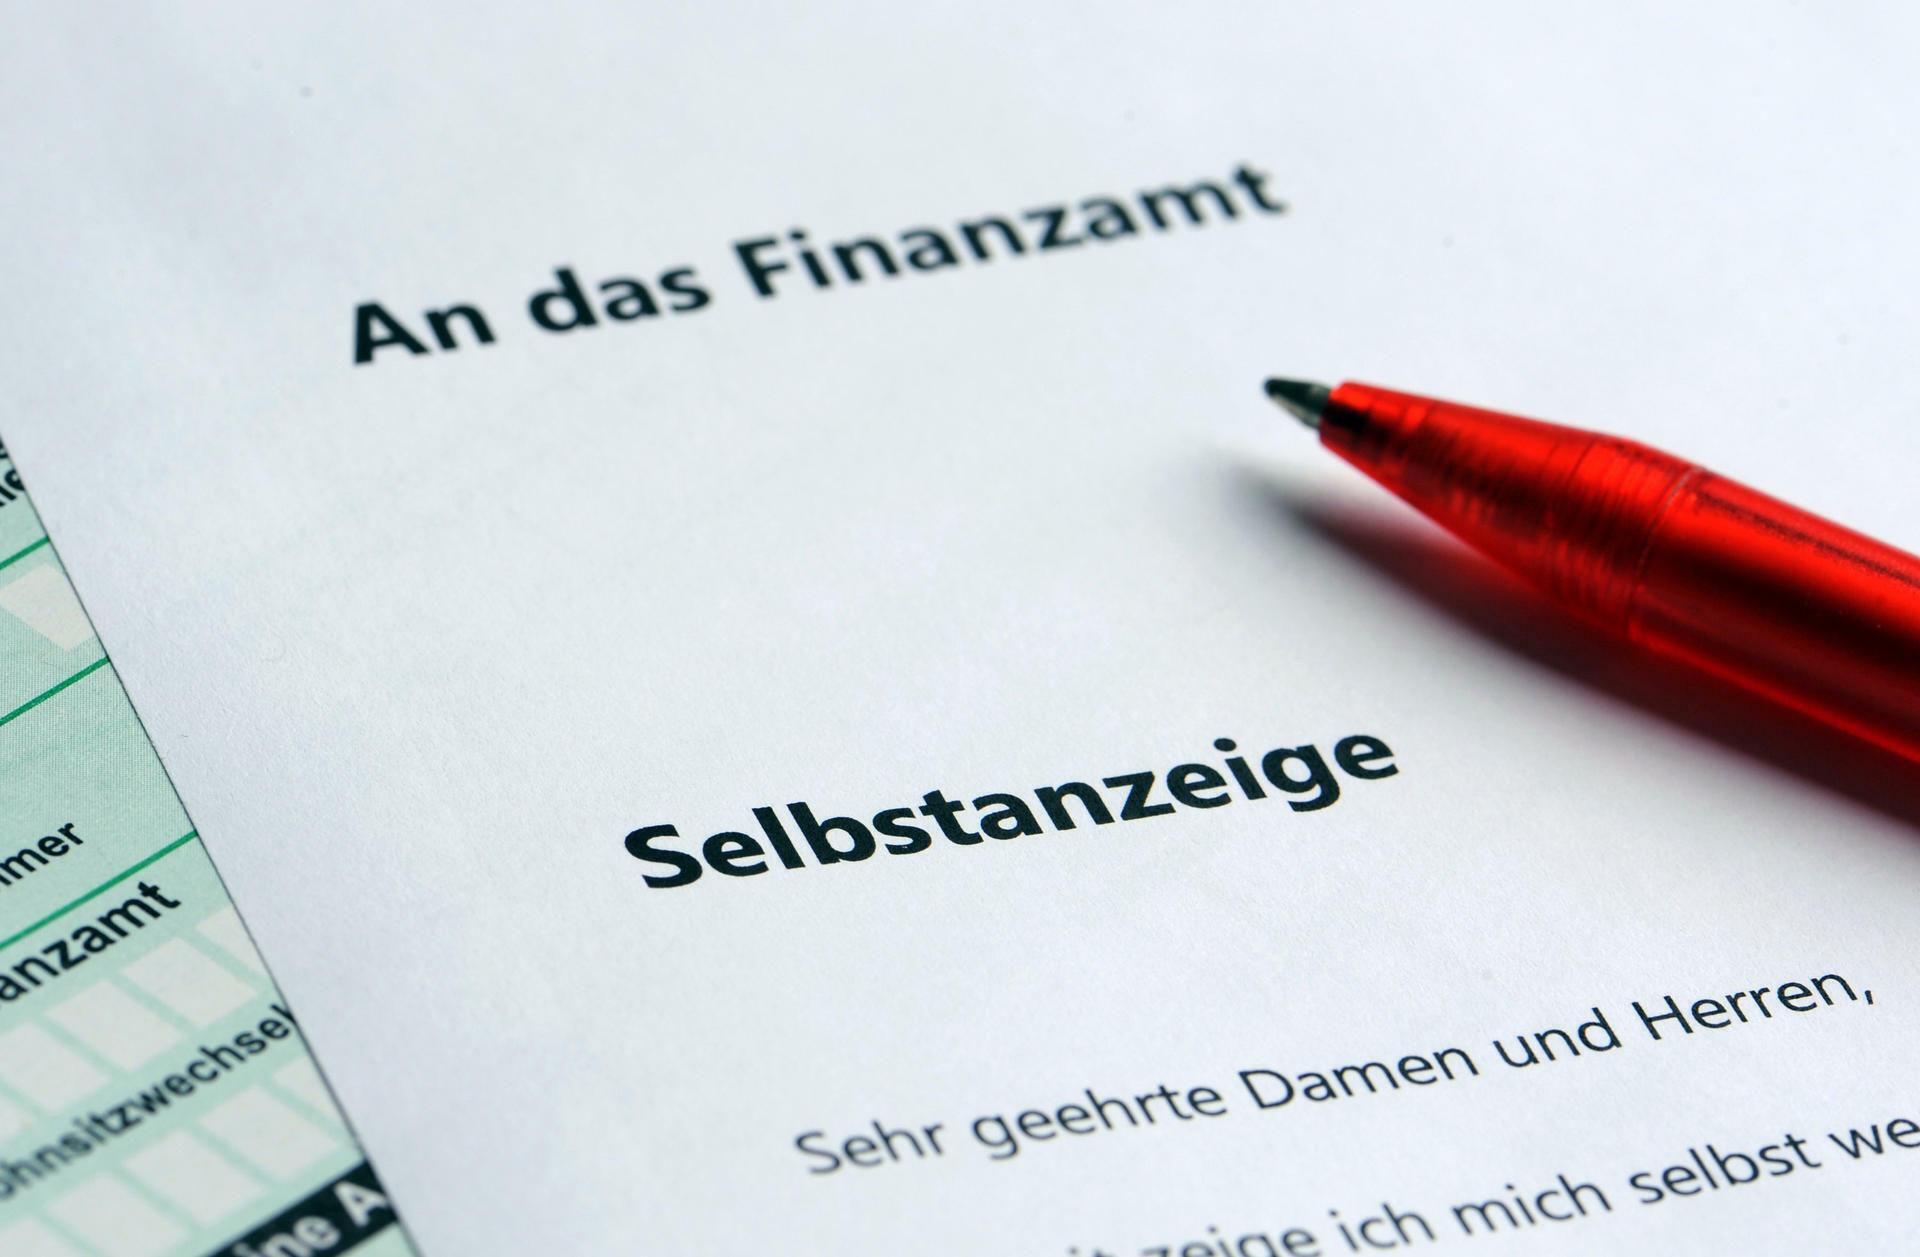 Selbstanzeige: Viele Steuerhinterzieher zu spät dran